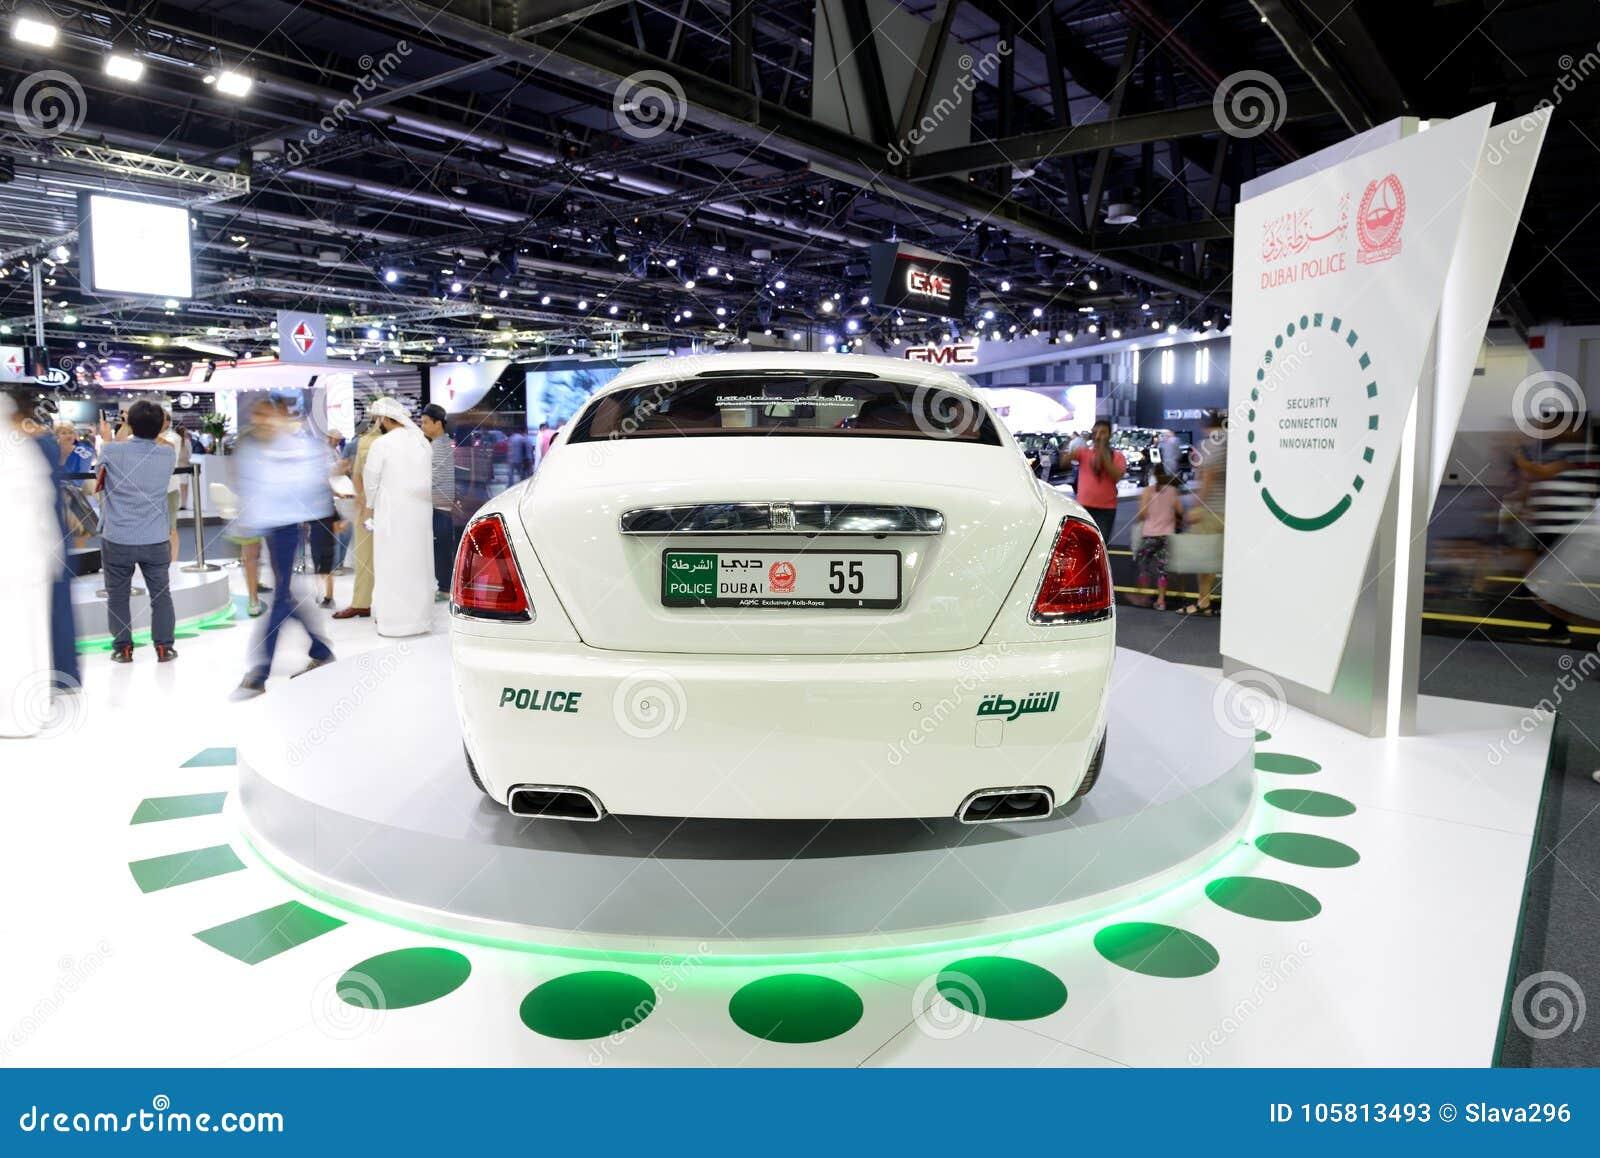 The Rolls Royce Wraith Of Dubai Police Car Is On Dubai Motor